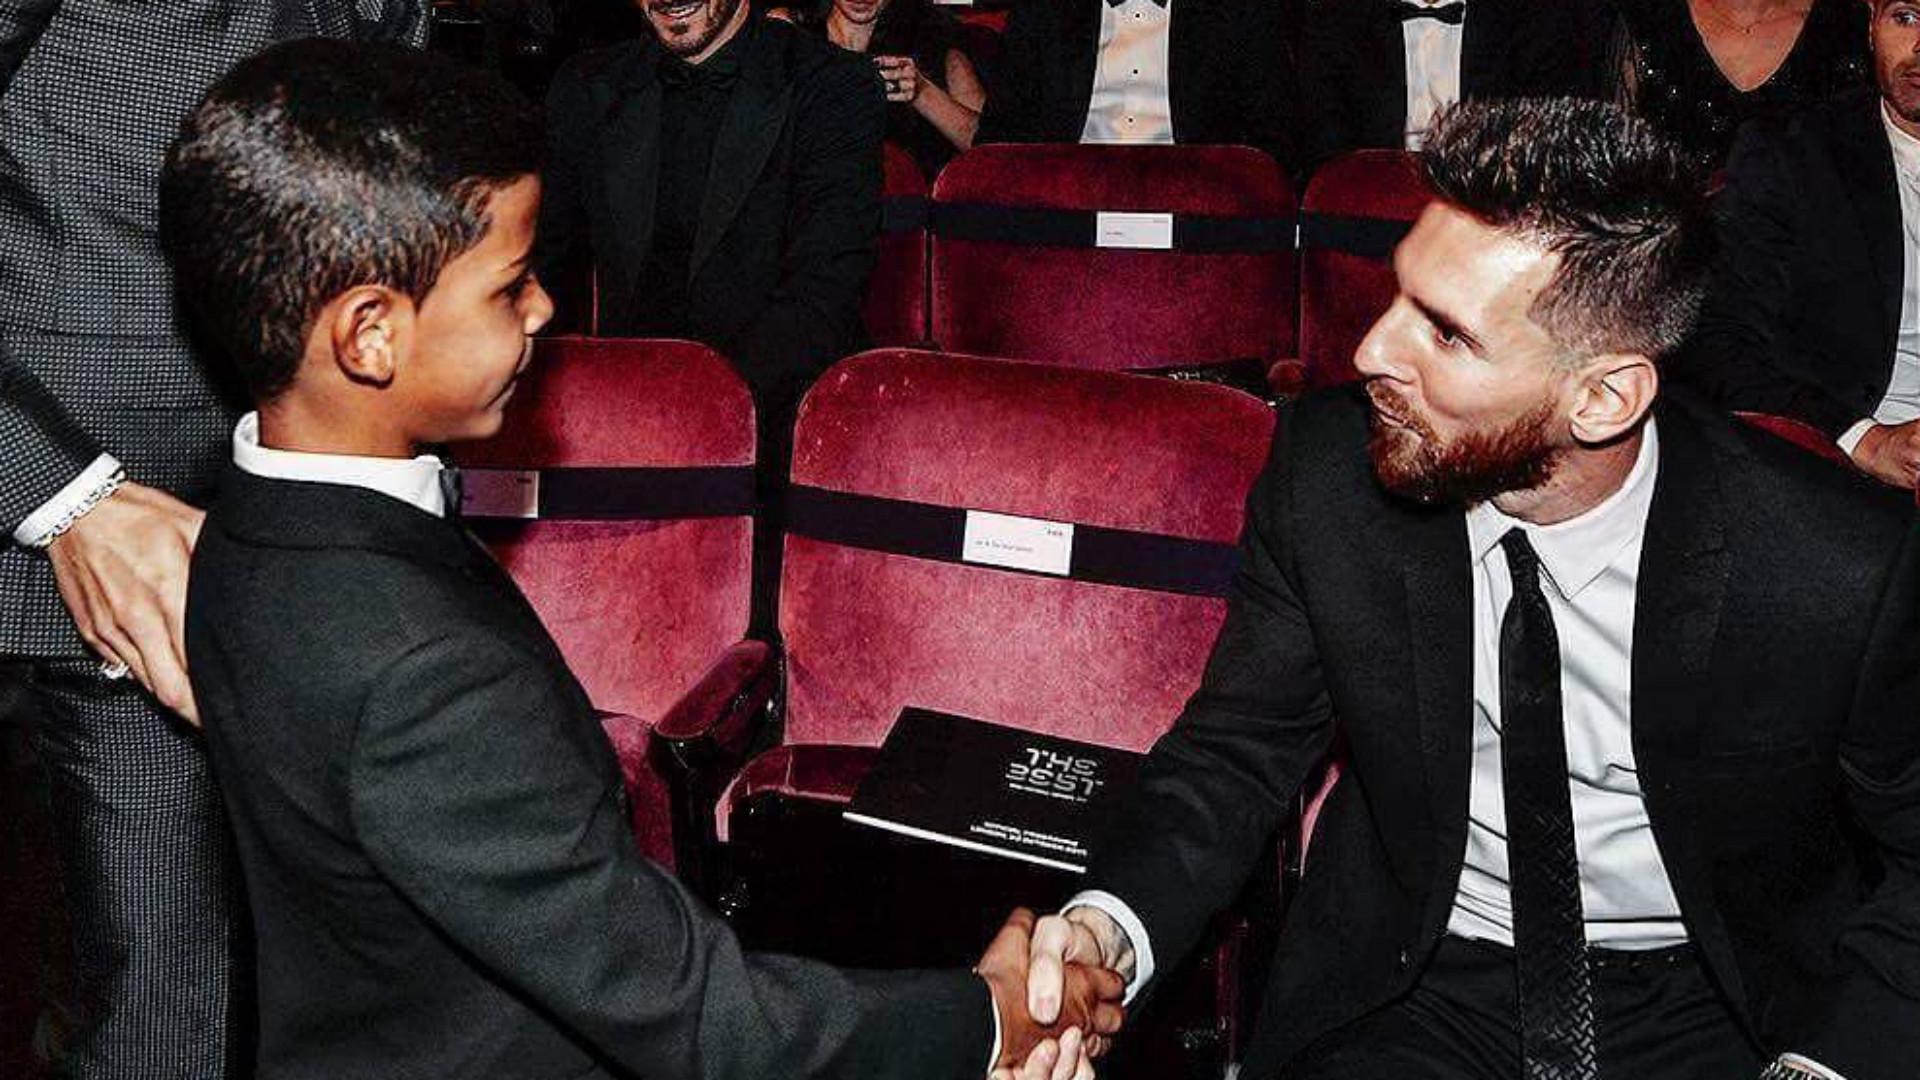 Scoperto in anticipo il vincitore del Pallone d'Oro 2017: è Cristiano Ronaldo